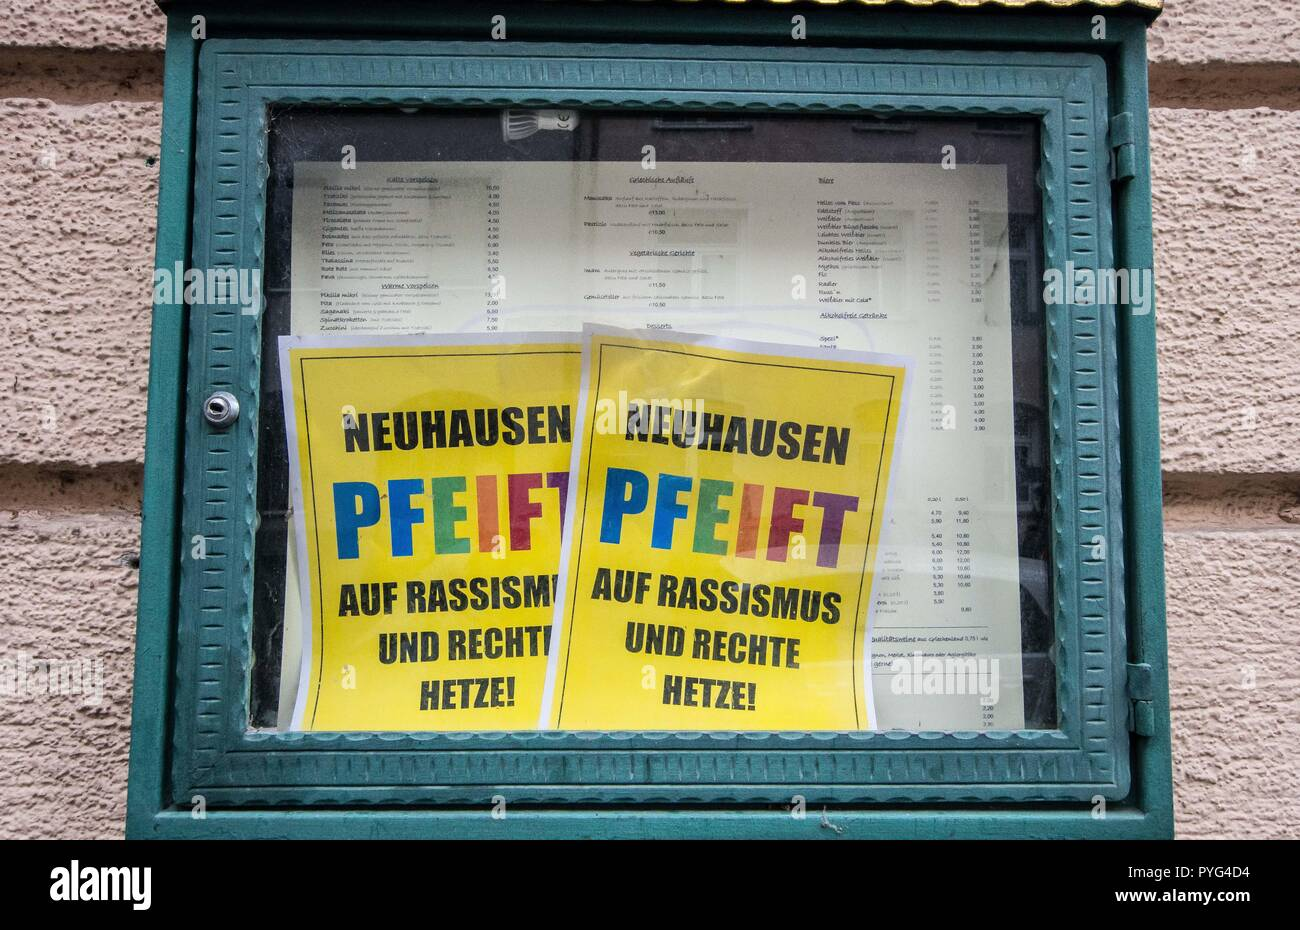 München, Bayern, Deutschland. 27 Okt, 2018. Ein Restaurant zeigt '' Neuhausen Pfeift'' Zeichen in Ihrer Vitrine im Rahmen einer Aktion gegen Pegida. Versuch, mehr Anhänger zu ziehen und PEGIDA in Bayern erweitern, 'Pegida Dresden'' angekündigt, ein Aussehen durch Gründer LUTZ BACHMANN und SIEGFRIED DAEBRITZ im Münchner Stadtteil Neuhausen. Letztlich, die zwei nicht ankommen, verlassen ca. 40 Pegida Anhänger gegen über 450 Gegendemonstranten bis März. Pegida Dresden in München ist eigentlich Pegida Nürnberg, der versucht, nach Süden nach München, wo die rivalisierenden P zu erweitern Stockfoto